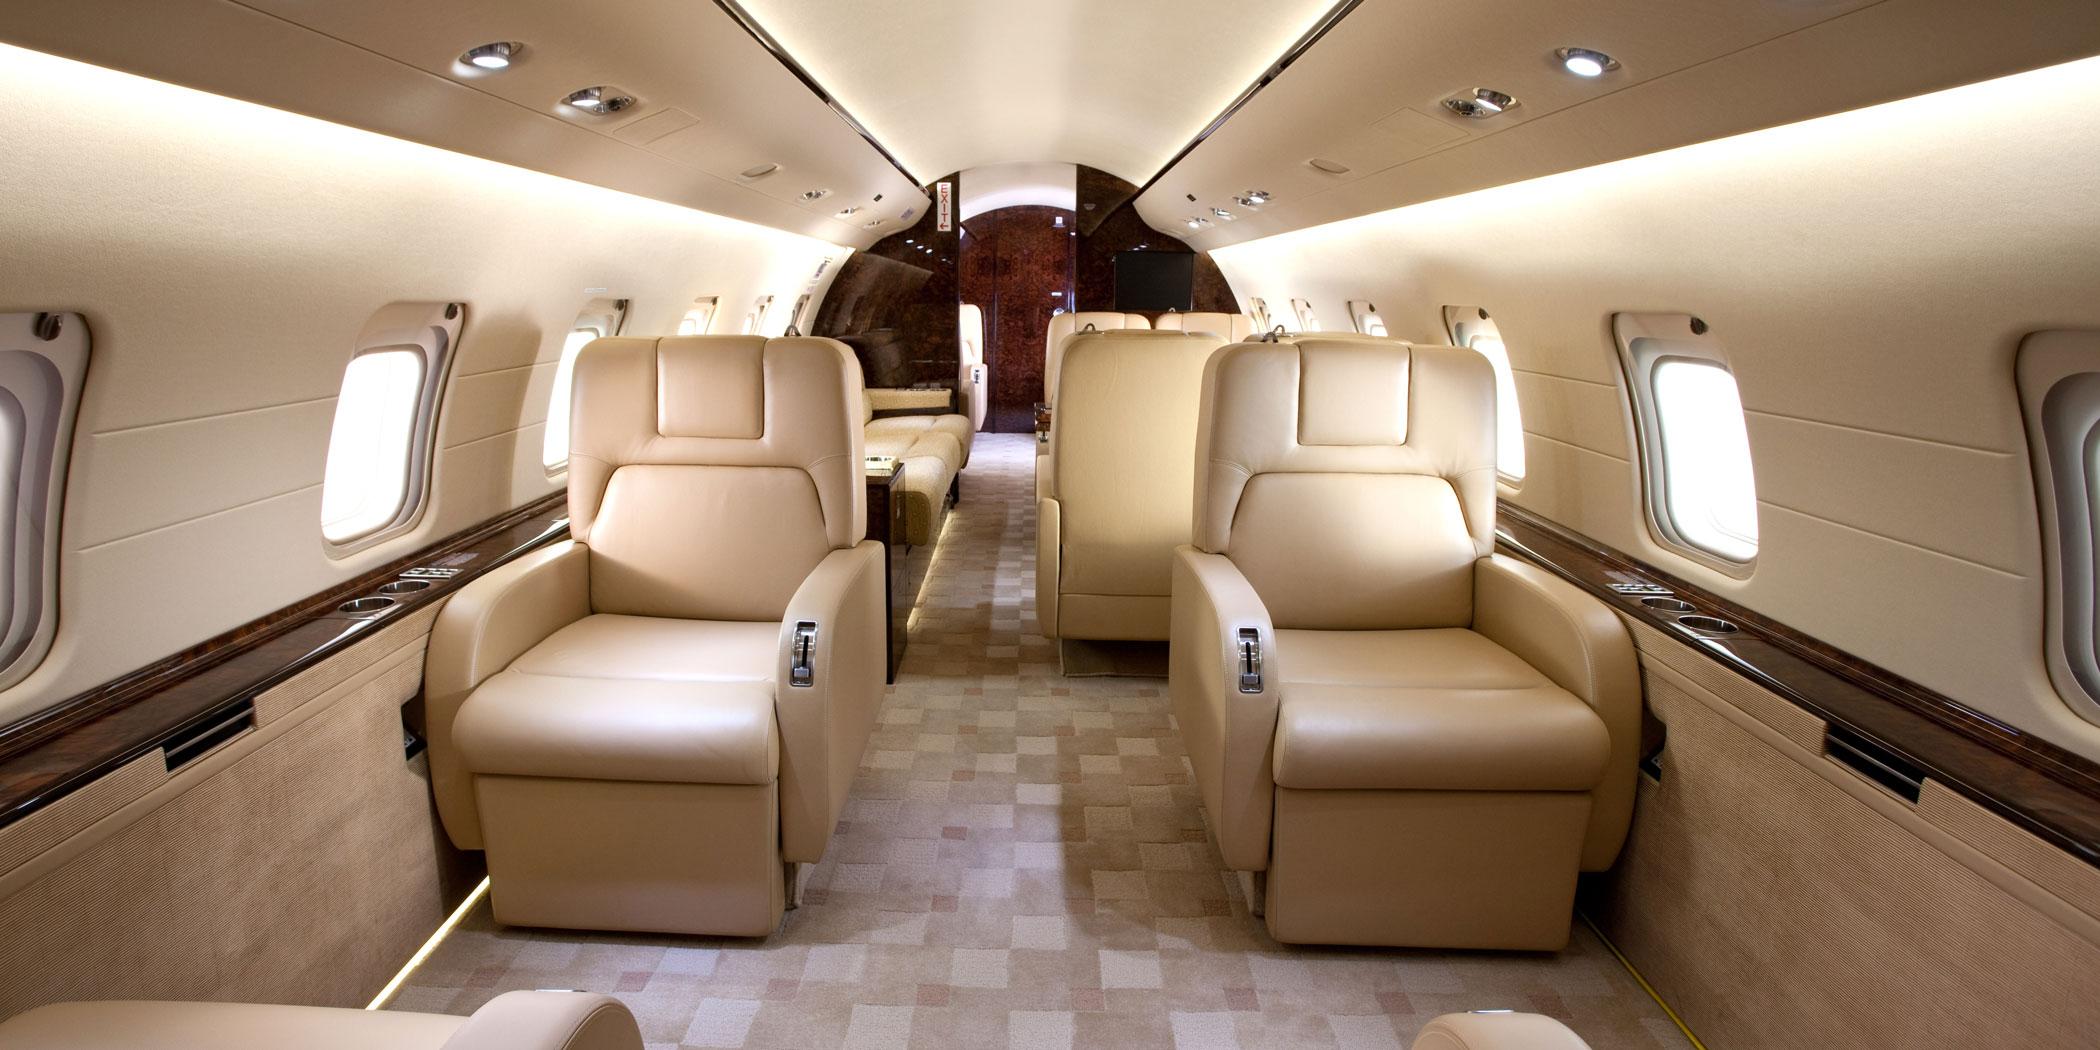 Bombardier Challenger 850 Business Jet Traveler